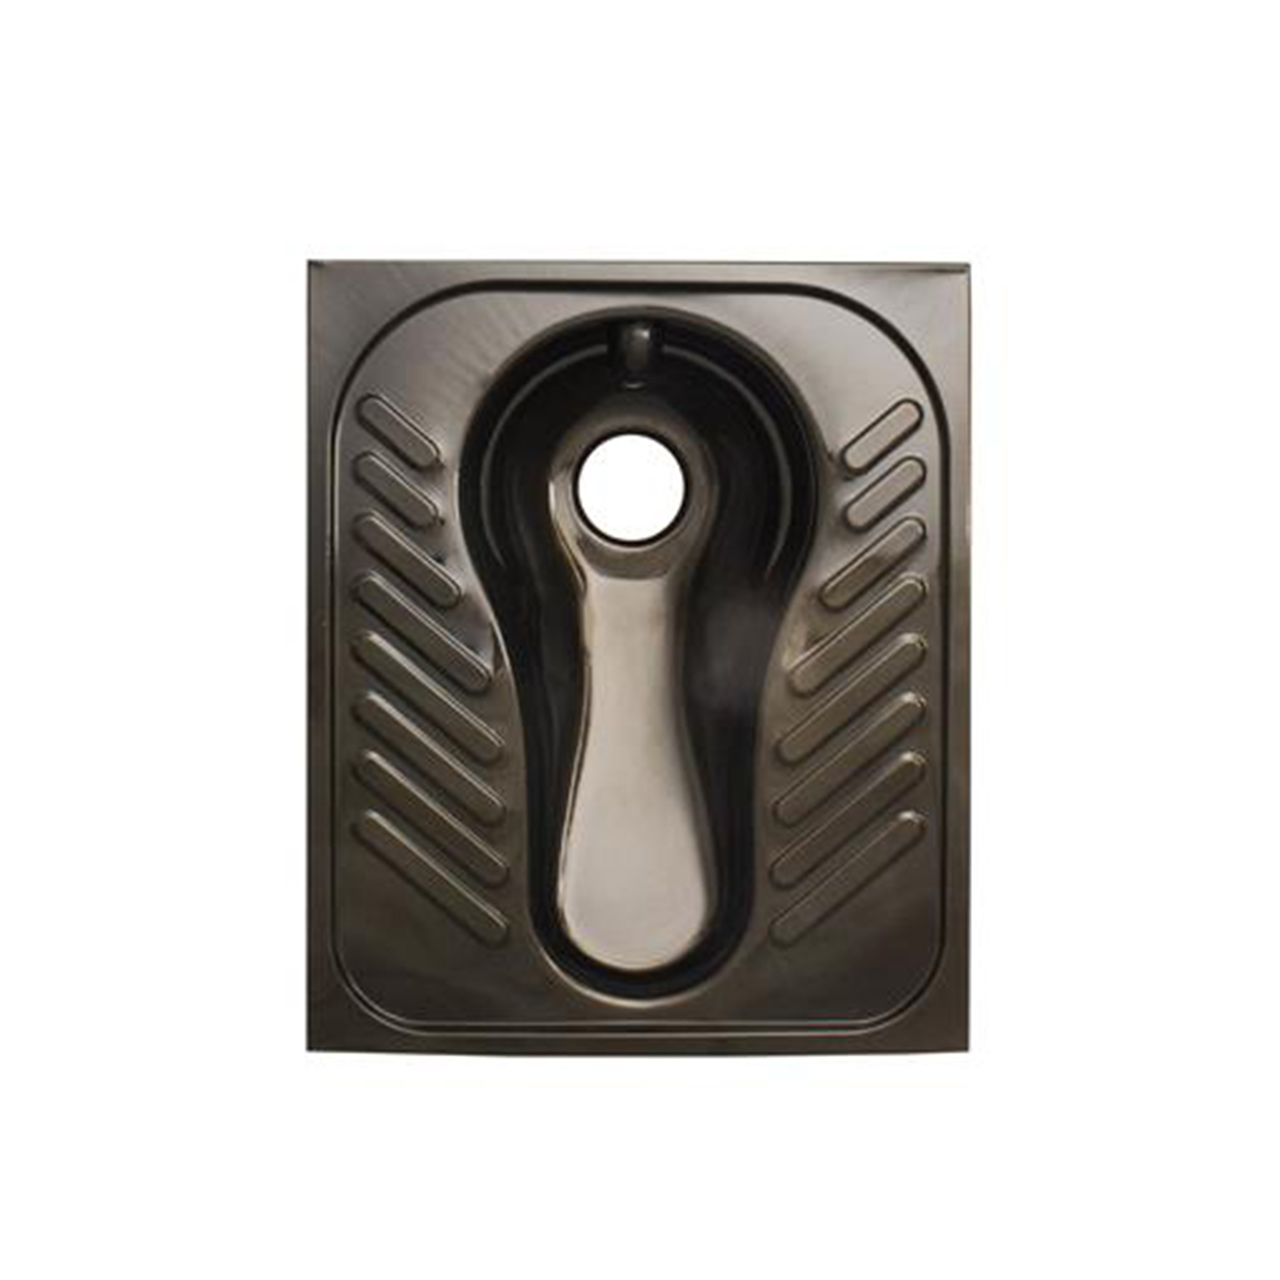 تصویر کاسه توالت آنتی باکتریال گلچین 50*60 مشکی